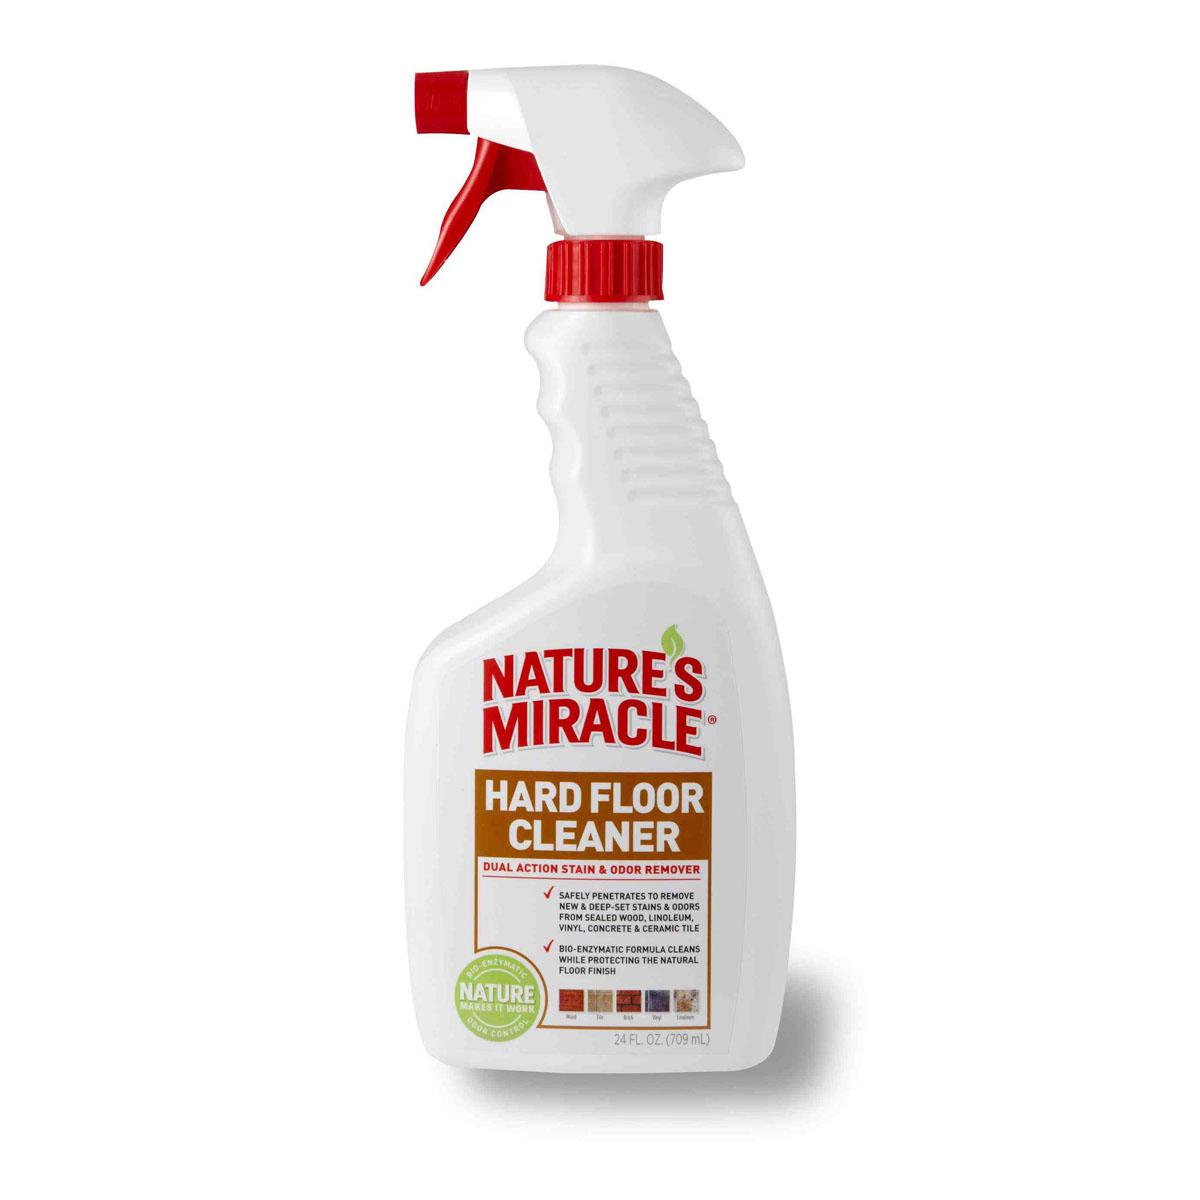 Уничтожитель пятен и запахов для всех видов полов 8 in 1 Natures Miracle, 709 мл5055538Уничтожитель пятен и запахов для всех видов полов 8 in 1 Natures Miracle специально разработан для безопасного удаления с твердых поверхностей пятен и запахов от фекалий, мочи, жира, рвоты и других свежих и въевшихся органических загрязнений за счет био-энзимной чистящей формулы. Благодаря специальной технологии Finish-Protect, средство осуществляет глубокую очистку, защищая при этом покрытие пола, будь то дерево, керамическая плитка, винил или линолеум. Уничтожитель пятен и запахов для всех видов полов можно также использовать на твердых поверхностях, переносках, спальных местах животных и в кошачьих туалетах. Средство идеально справляется с пятнами и запахами, оставленными собаками, кошками и другими животными.Способ применения: 1) Перед применением хорошо встряхните. 2) Удалите излишнюю влажность и грязь.3) Перед использованием протестируйте средство на незаметной области. Вытрите поверхность тканью. Не используйте средство, если покрытие пола повредилось.4) Всегда используйте Уничтожитель пятен и запахов для всех видов полов в исходной концентрации. 5) Нанесите средство на обрабатываемую поверхность, вытрите. При необходимости повторить.6) Не требует смывания.Не использовать на сильно загрязненных, негерметизированных полах. Состав: вода, чистящие компоненты (поверхностно-активные вещества), биоэнзимная технология нейтрализации запаха, ароматизатор. Товар сертифицирован.